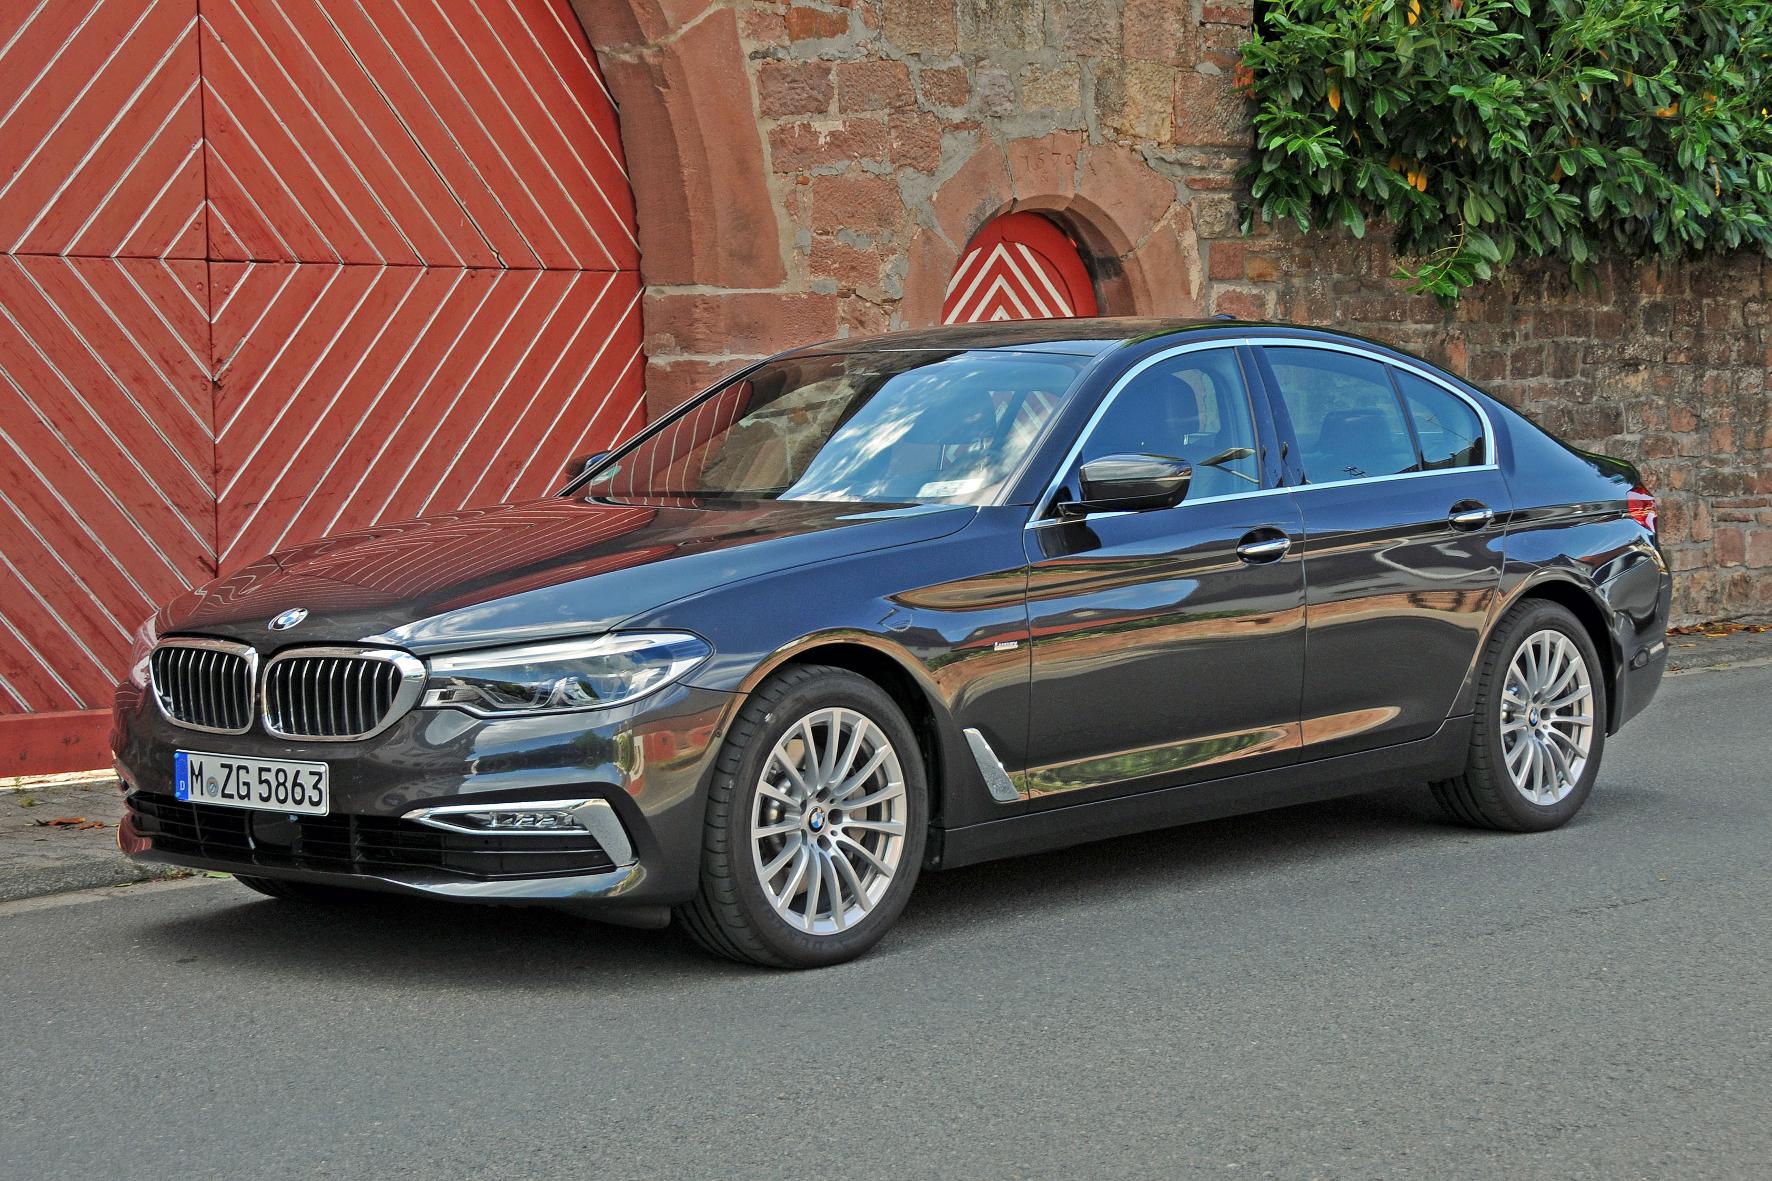 Generationswechsel: Im komfortablen 5er BMW schlägt ein sportliches Herz